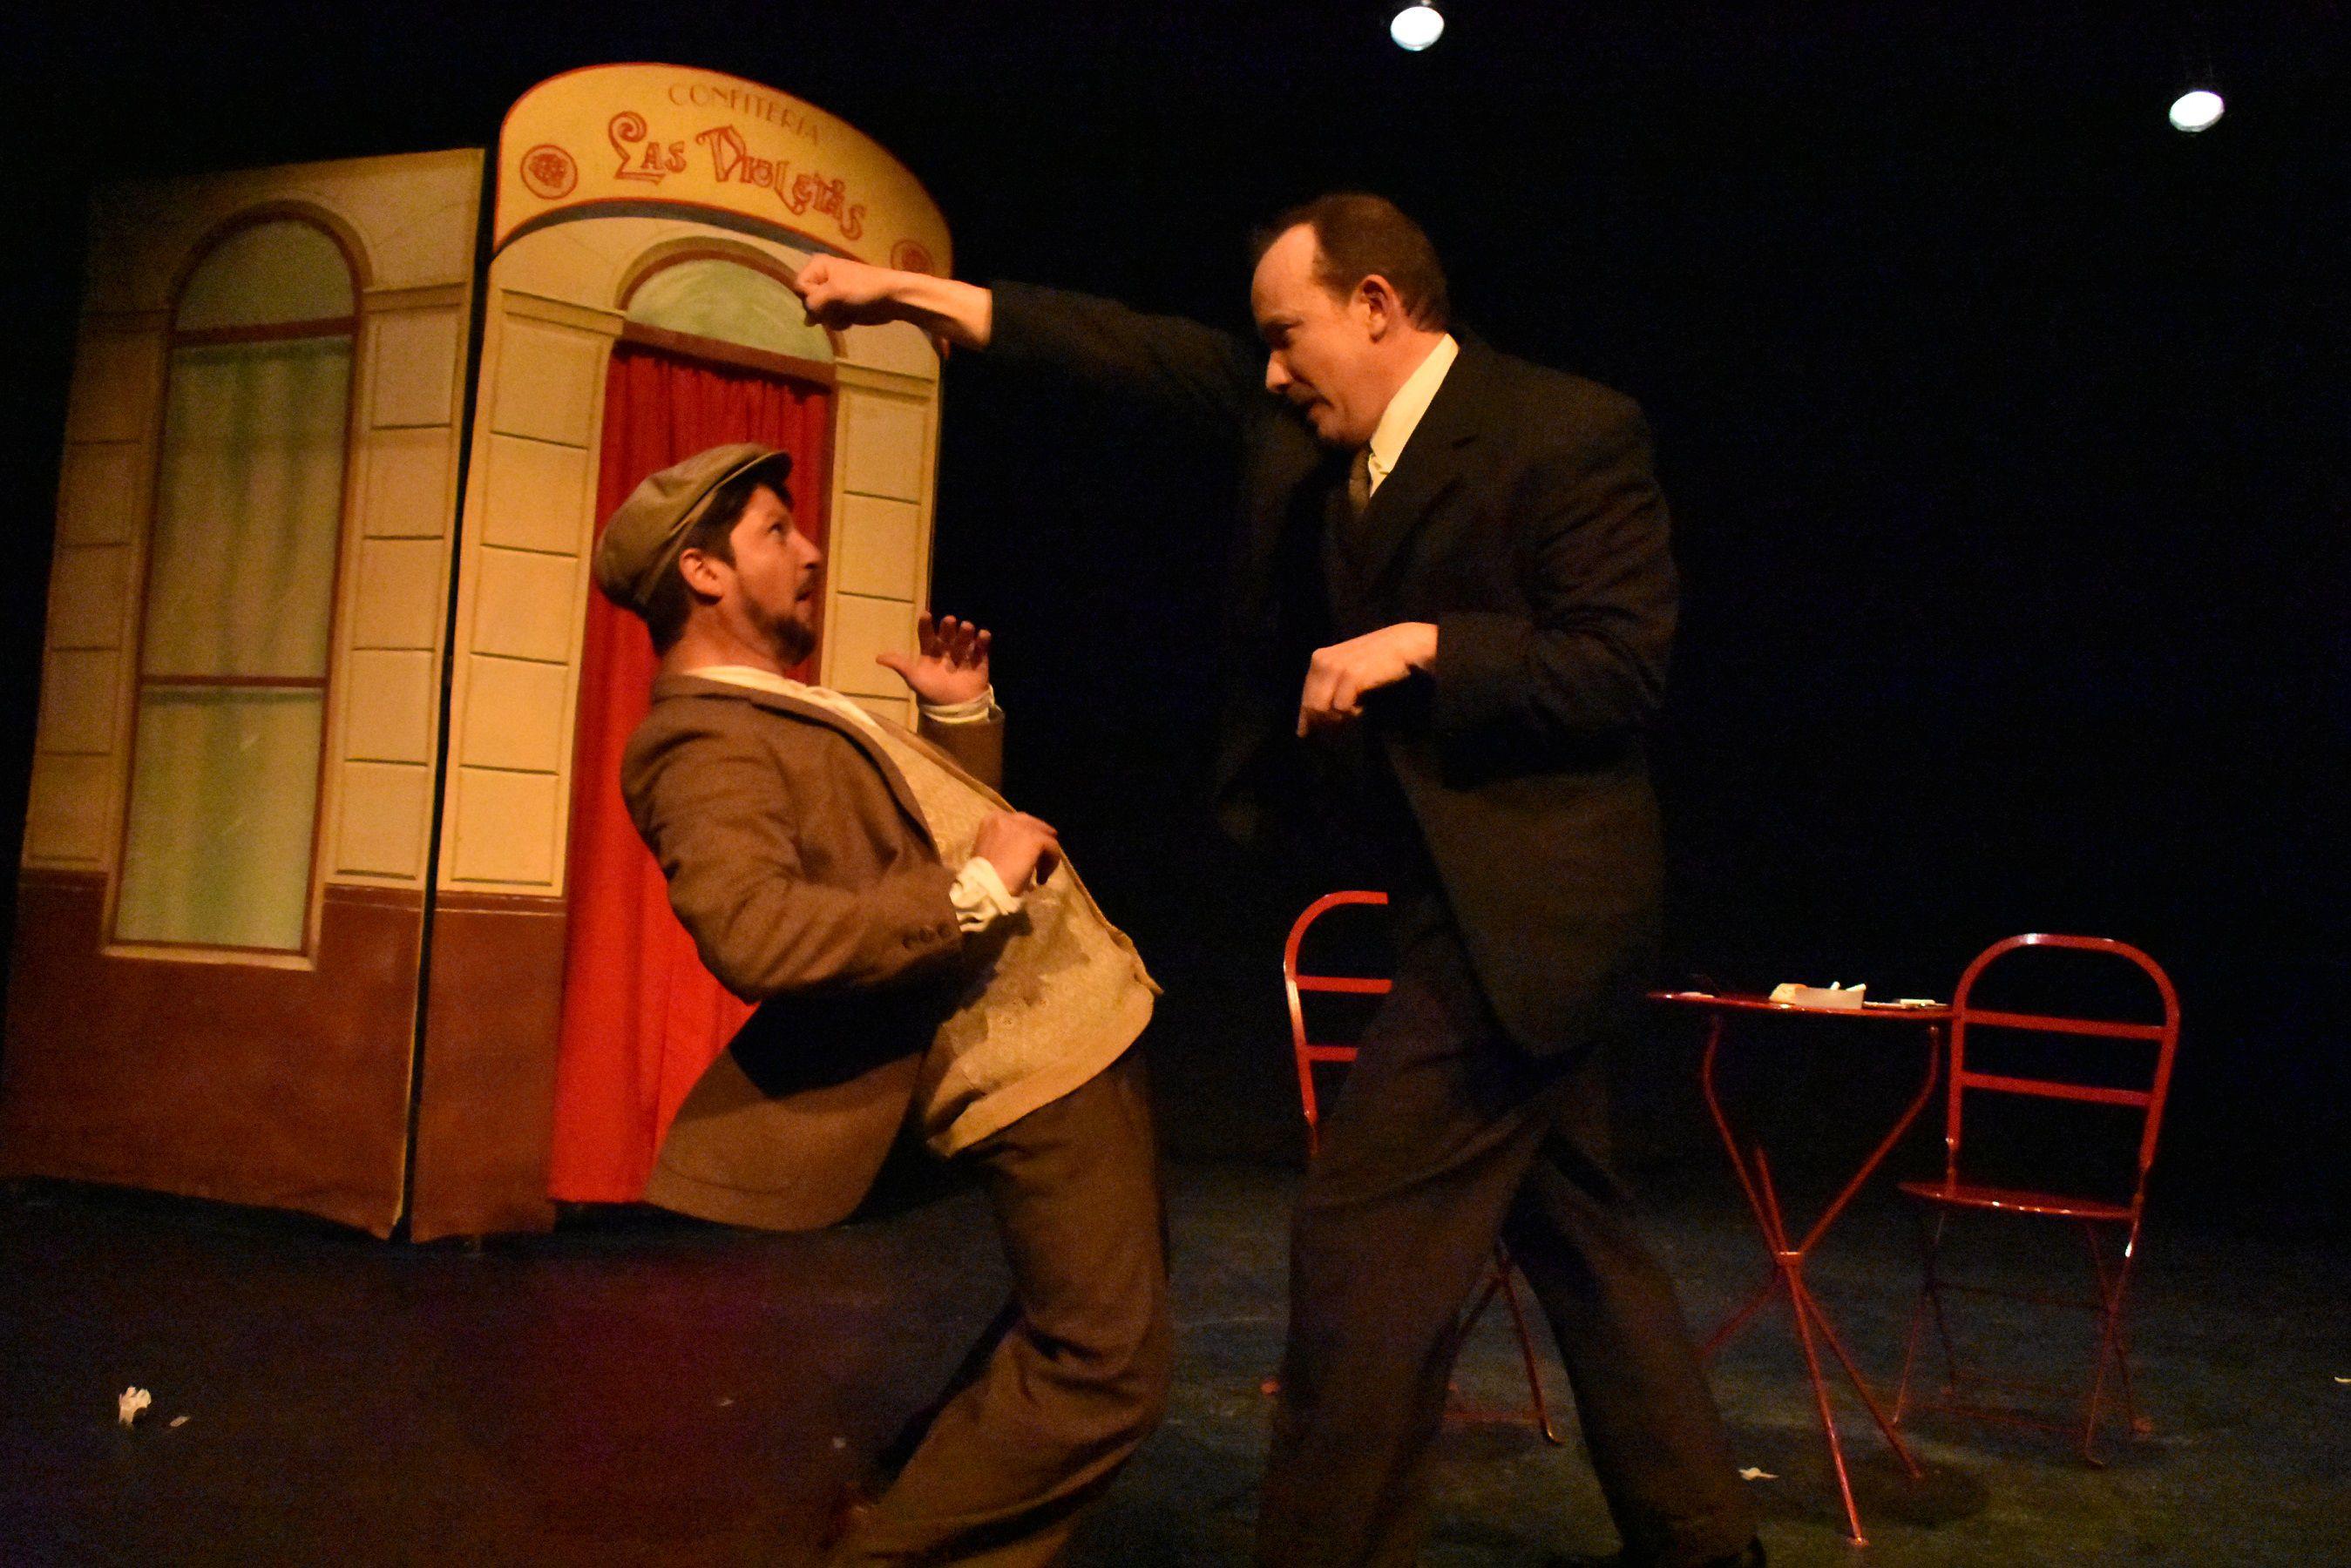 Shamrock, en Beckett Teatro, Guardia Vieja 3556, los viernes a las 23